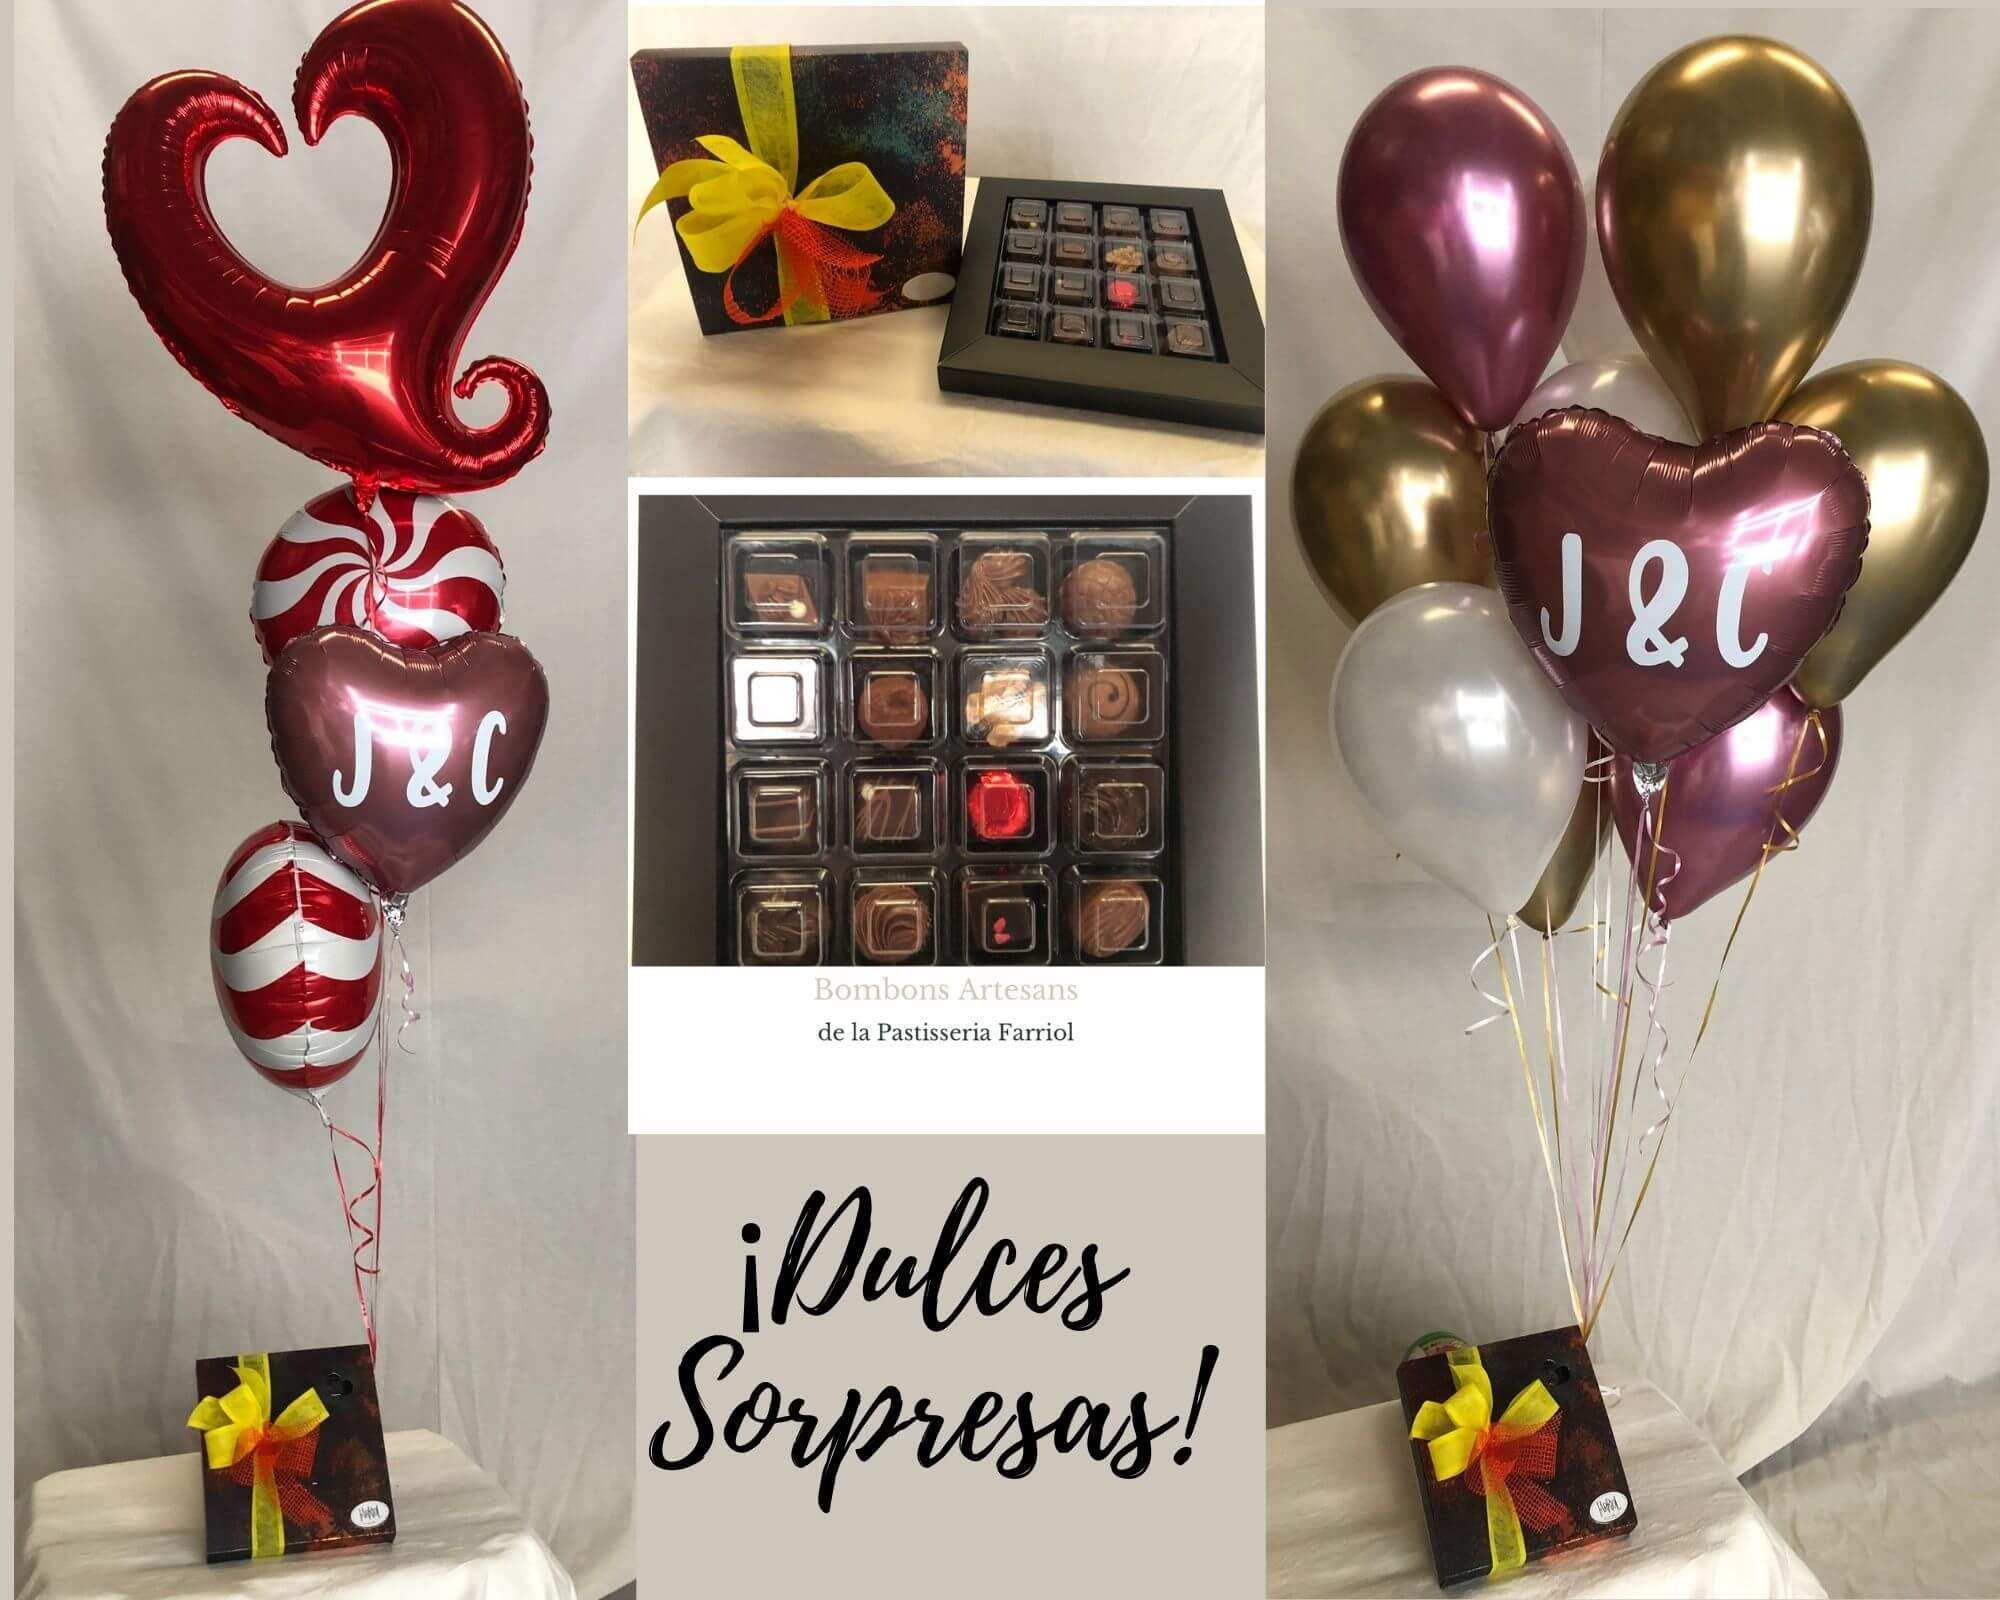 ¡Dulces Sorpresas! entrega de bombones y globos a domicilio